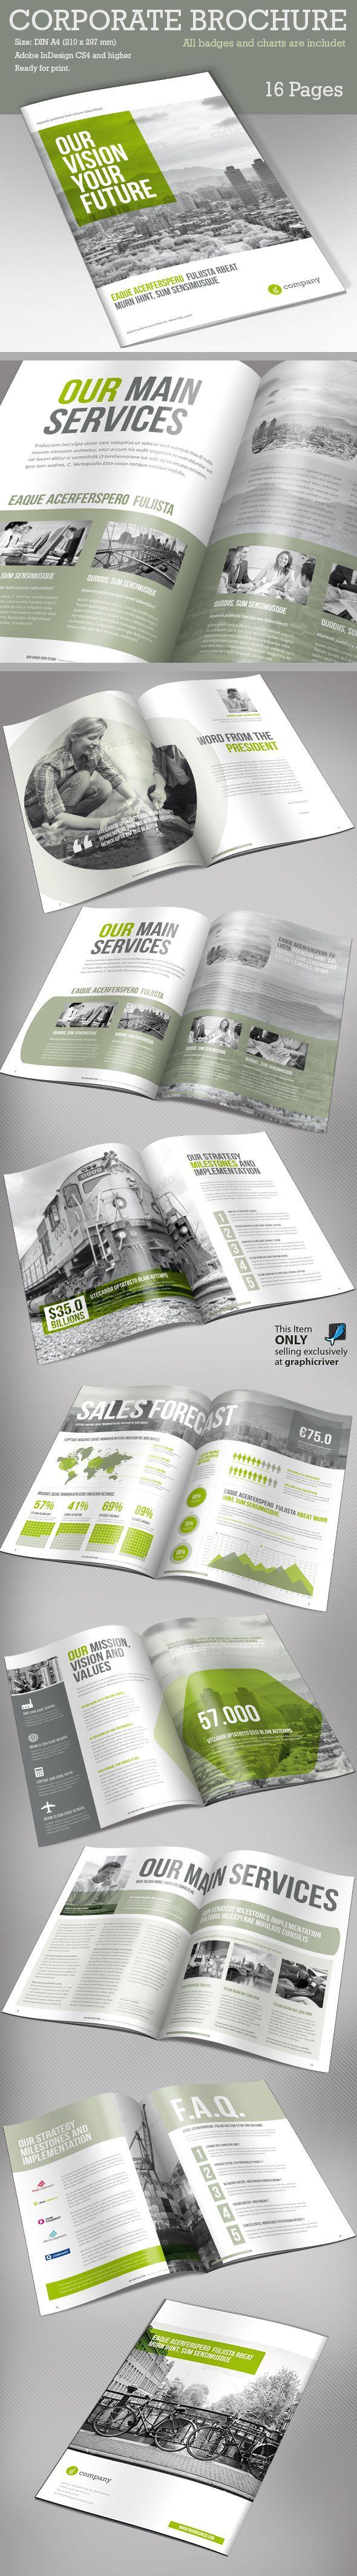 Jahrbuch drucken #Schule #Jahrbücher #Ideen #Design #Gestaltung ...